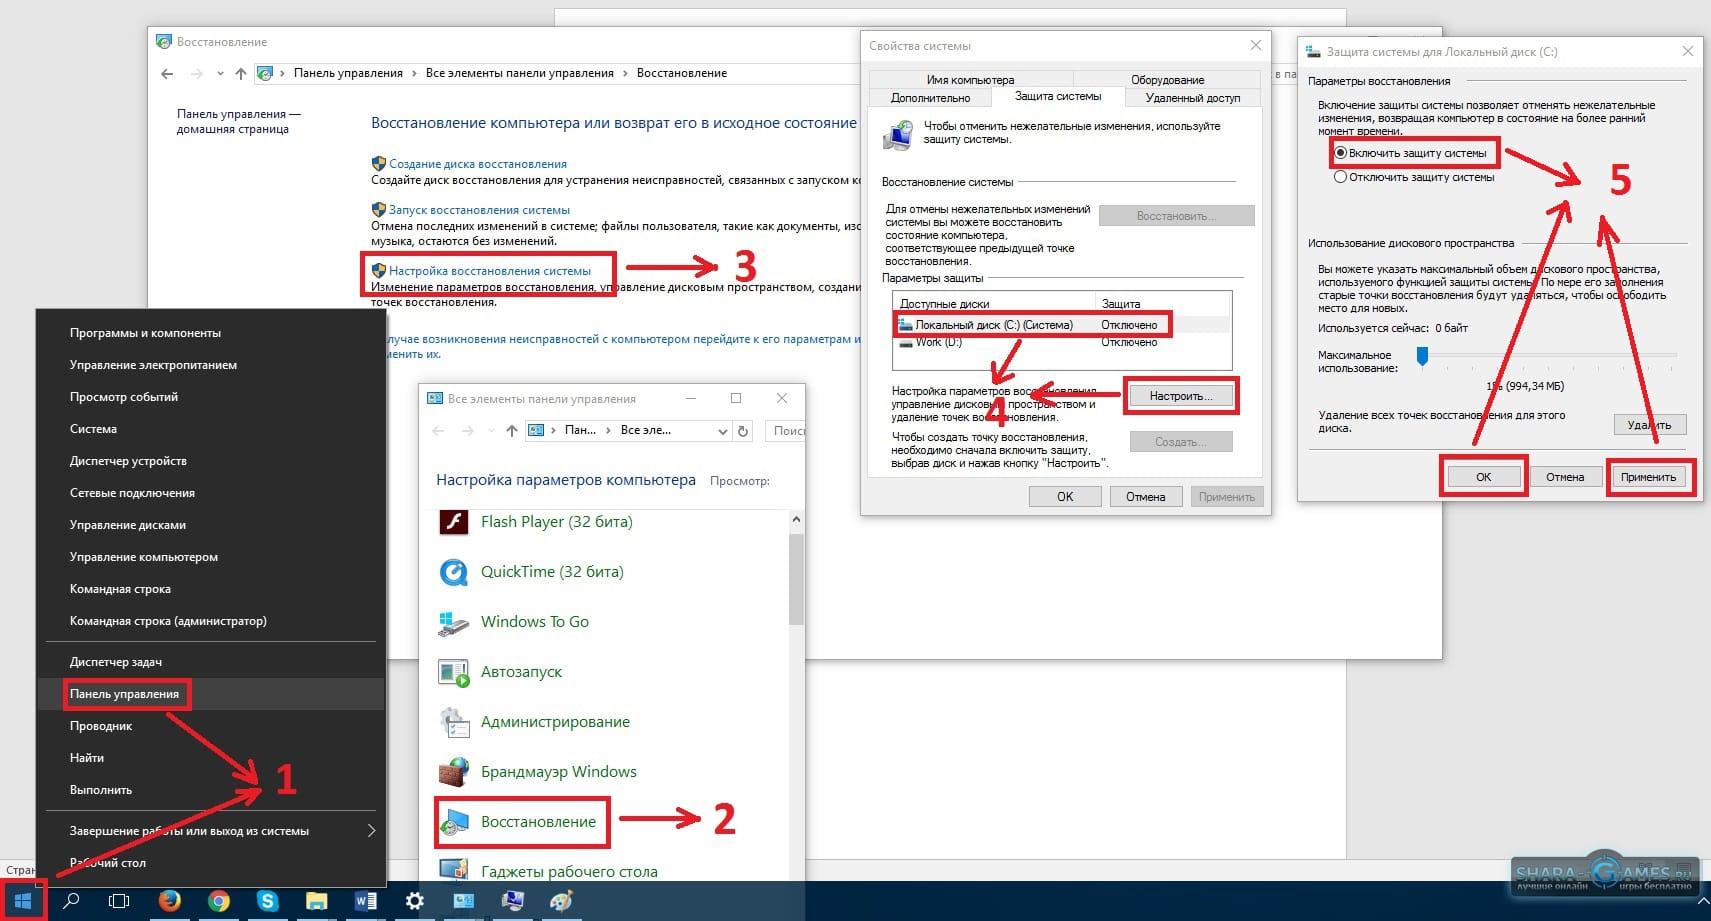 Как откатить систему назад на Windows 10 и вернуть 35